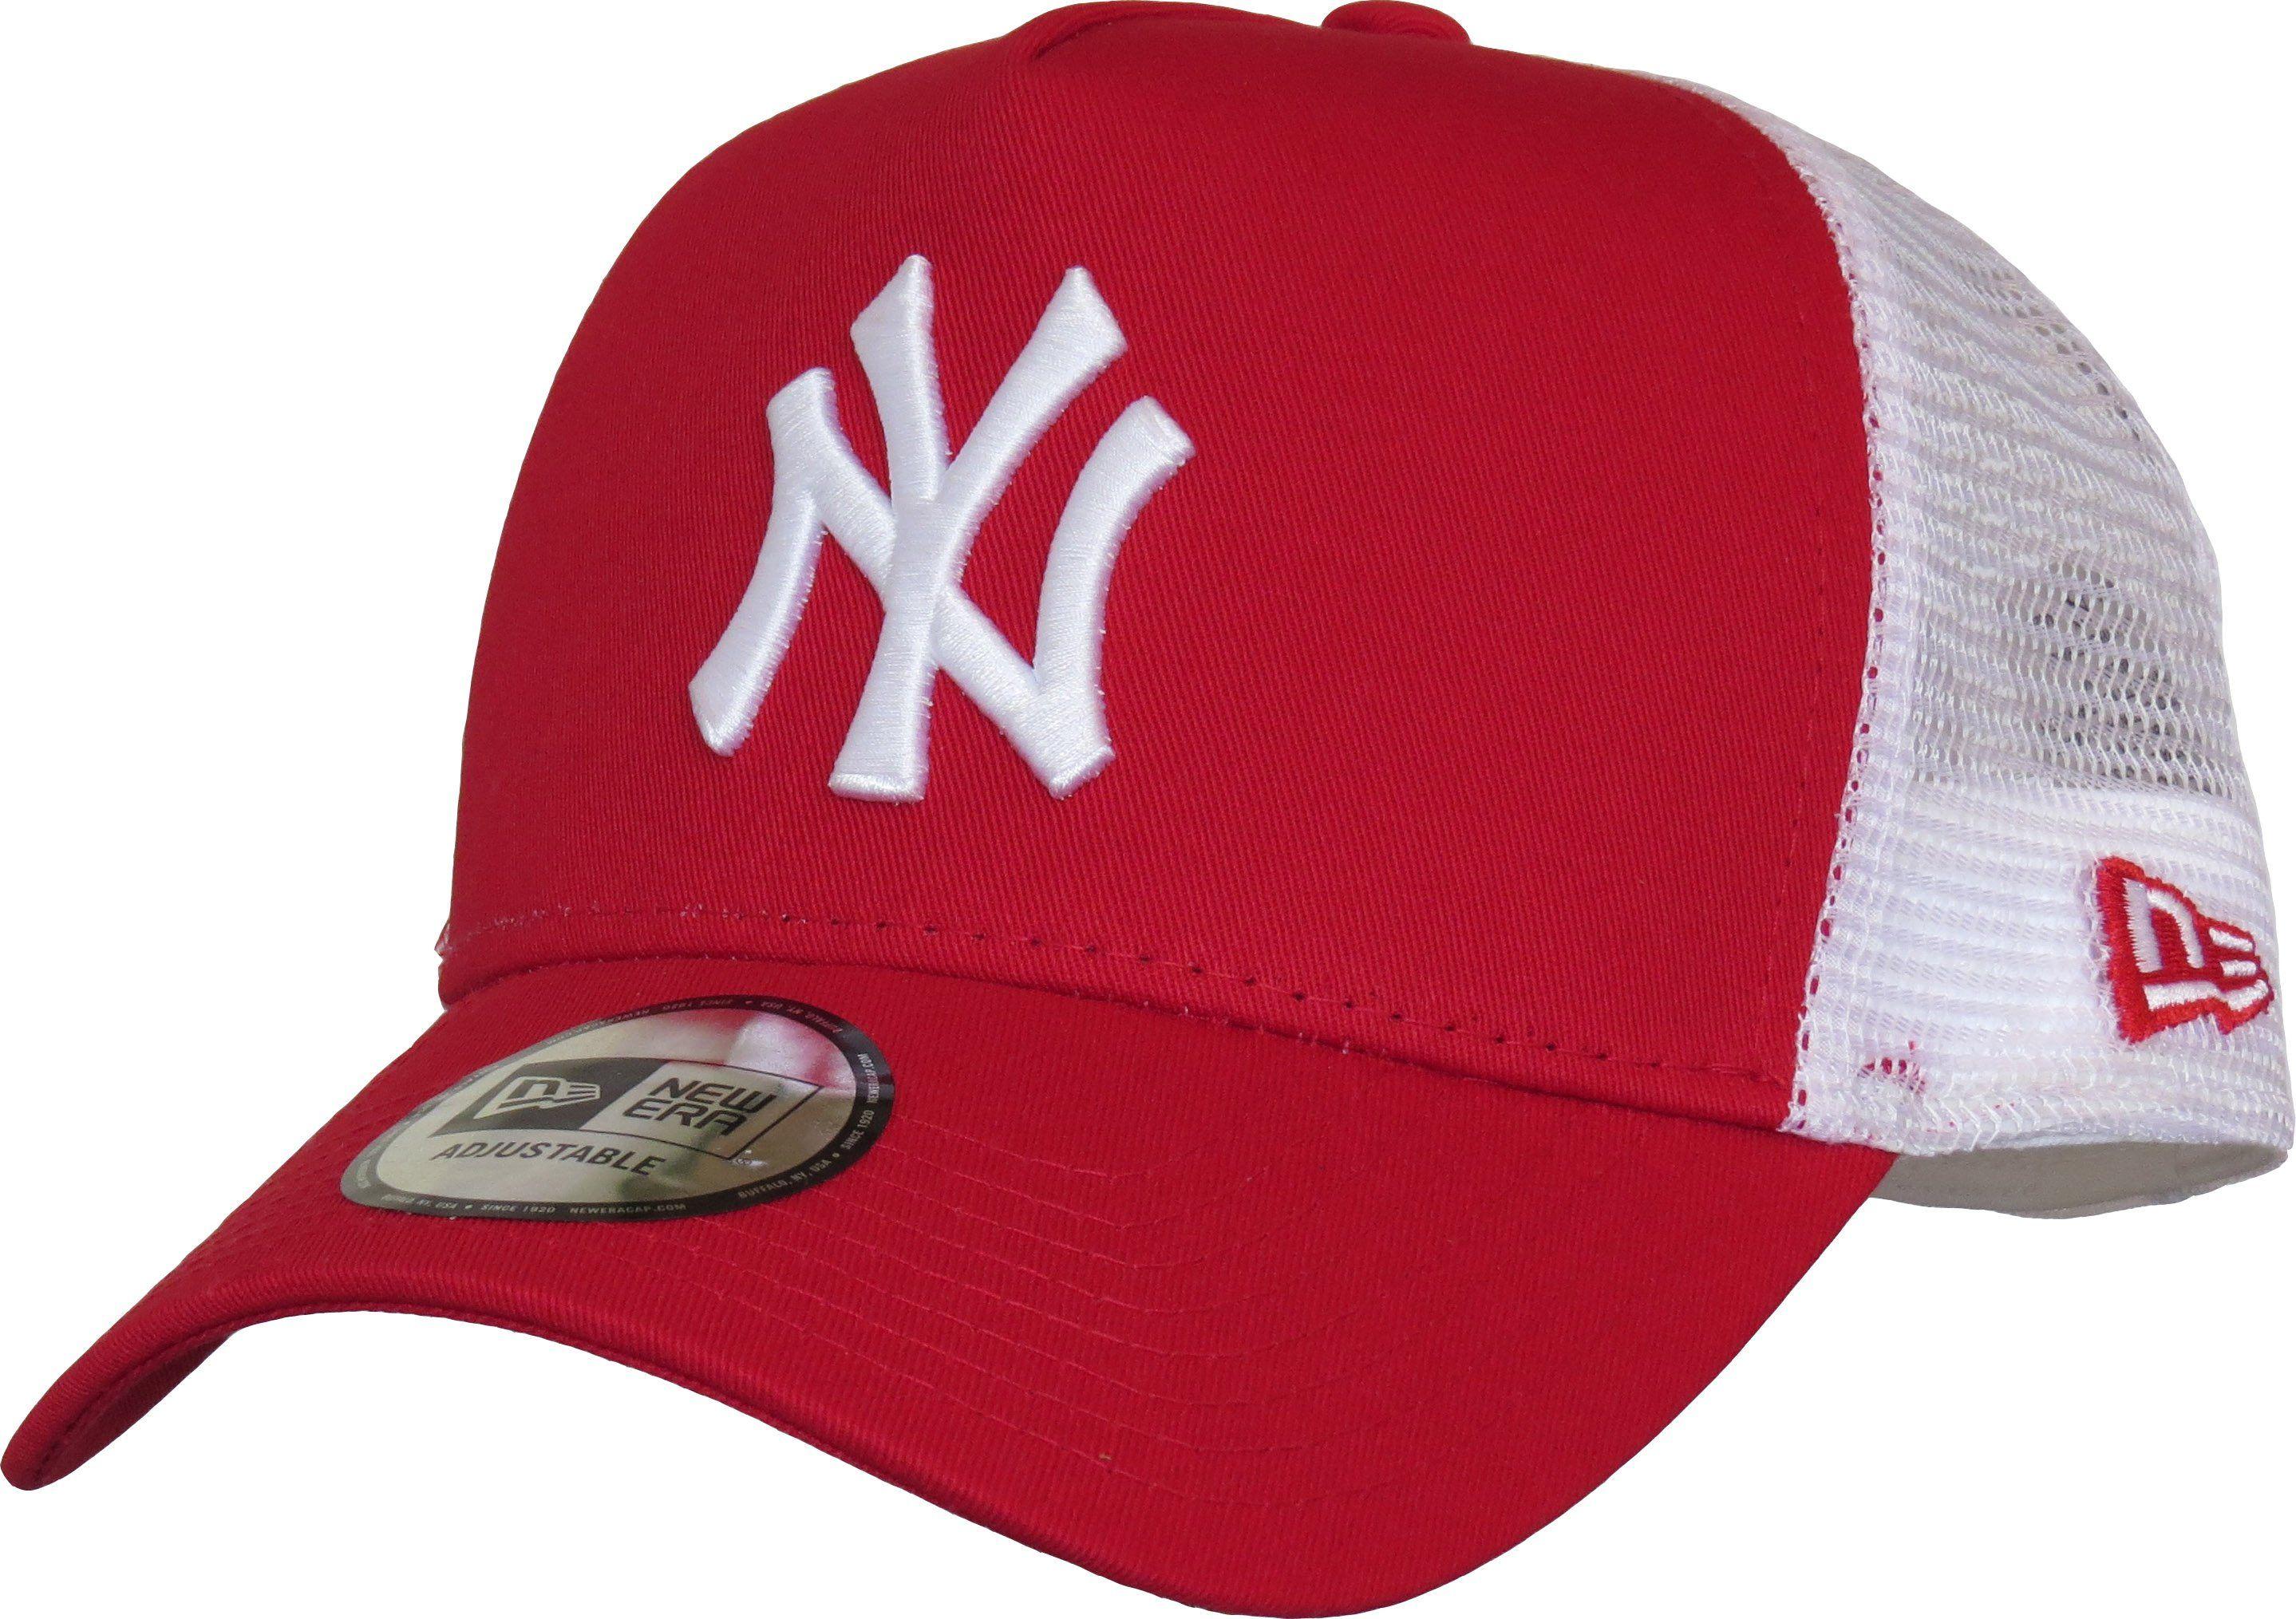 Ny yankees new era red clean trucker cap in 2021 ny